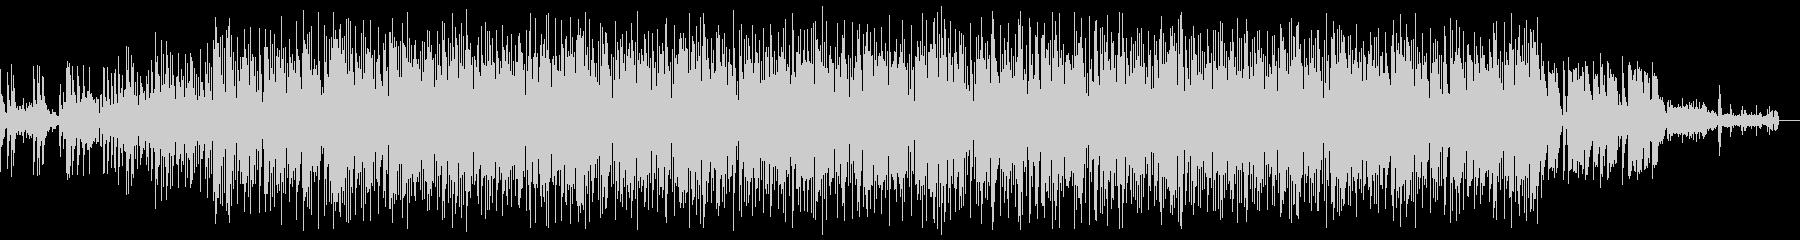 スタイリッシュなエレクトロの未再生の波形